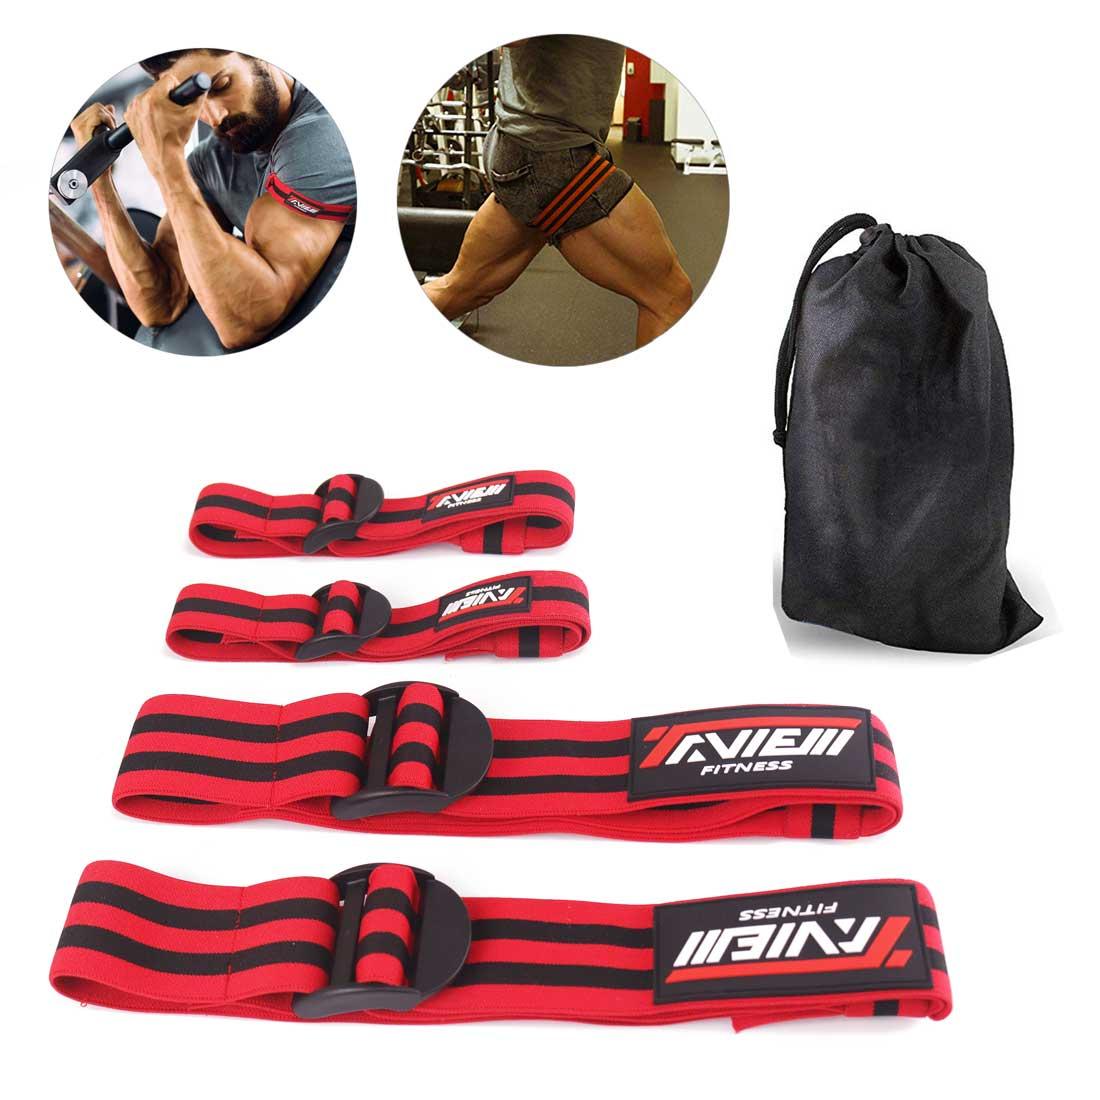 Fitness oclusión formación bandas culturismo peso sangre restricción de flujo bandas de brazo pierna envuelve rápido crecimiento muscular equipos de gimnasio